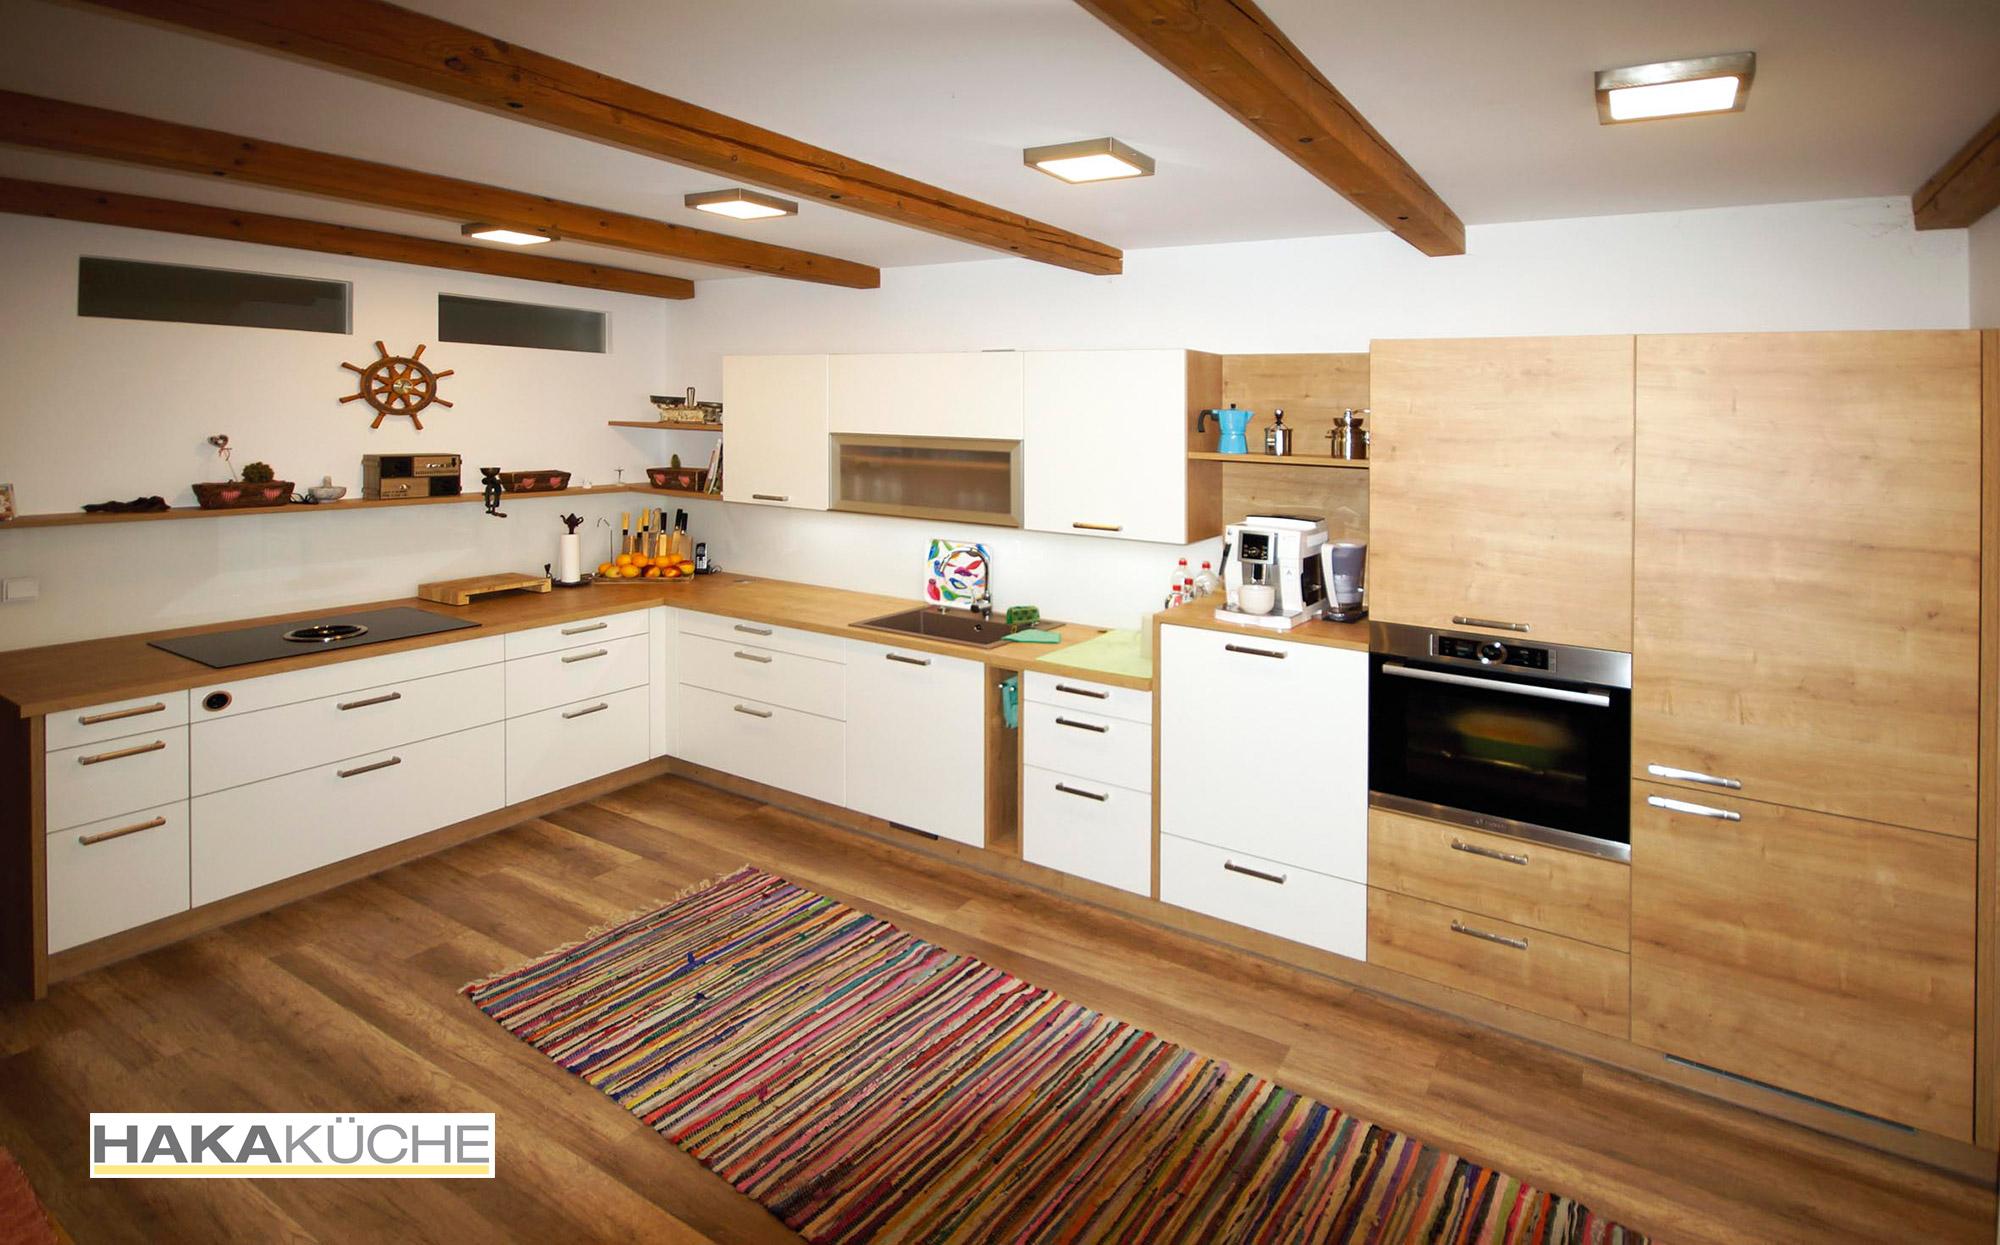 Outdoorküche Mit Spüle Obi : Arbeitsplatte küche tischler küche ikea ch fliesenaufkleber obi